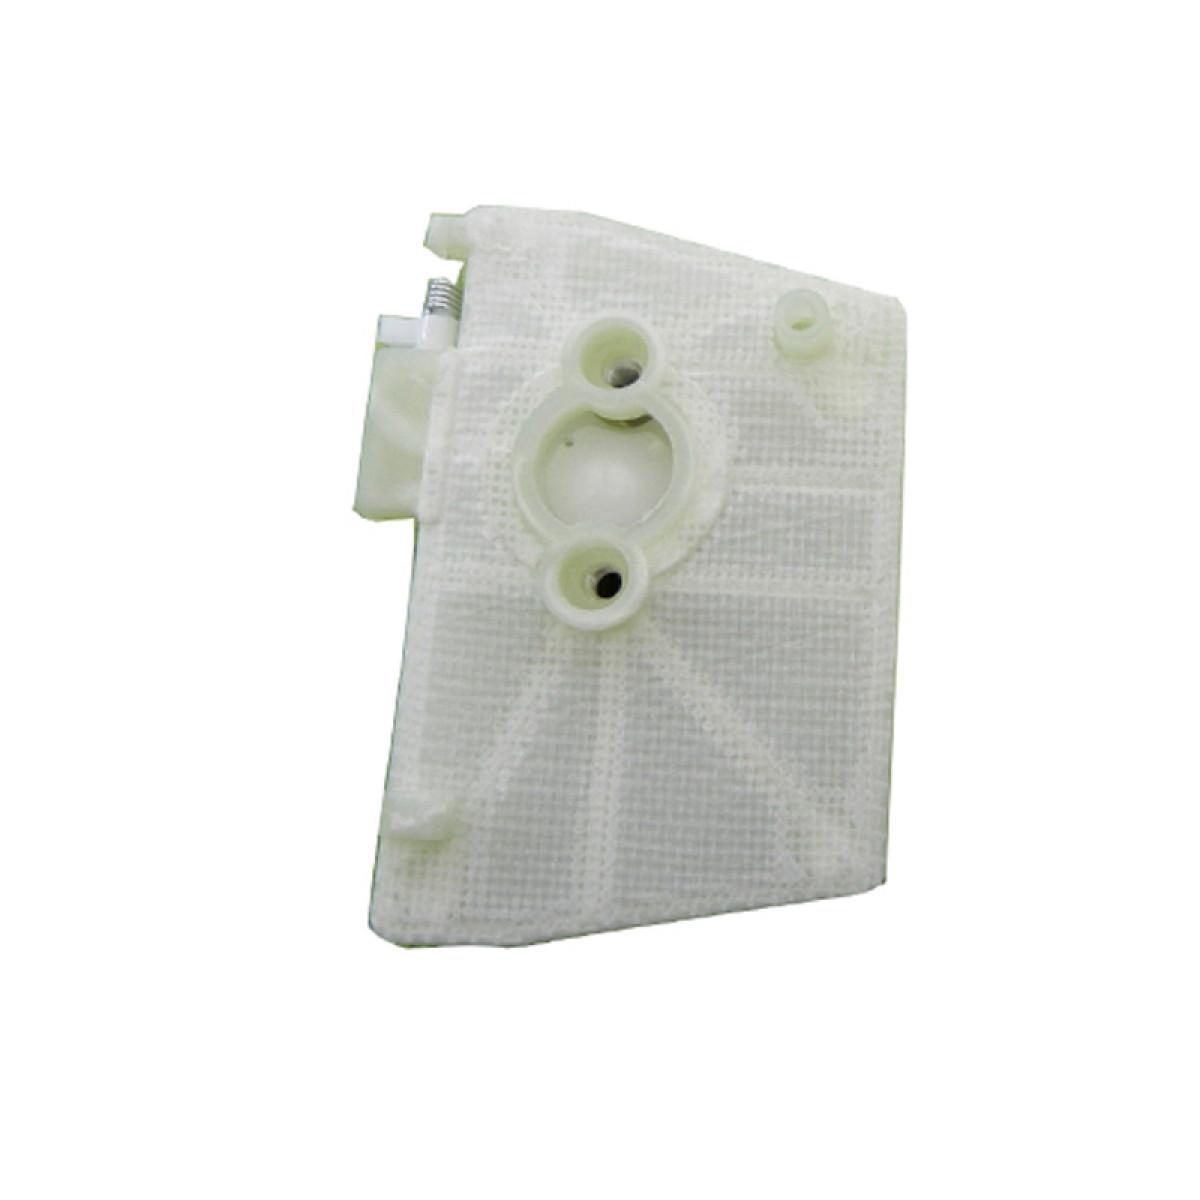 Vzduchový filtr Stihl MS380 MS381 038 (1119 120 1607)